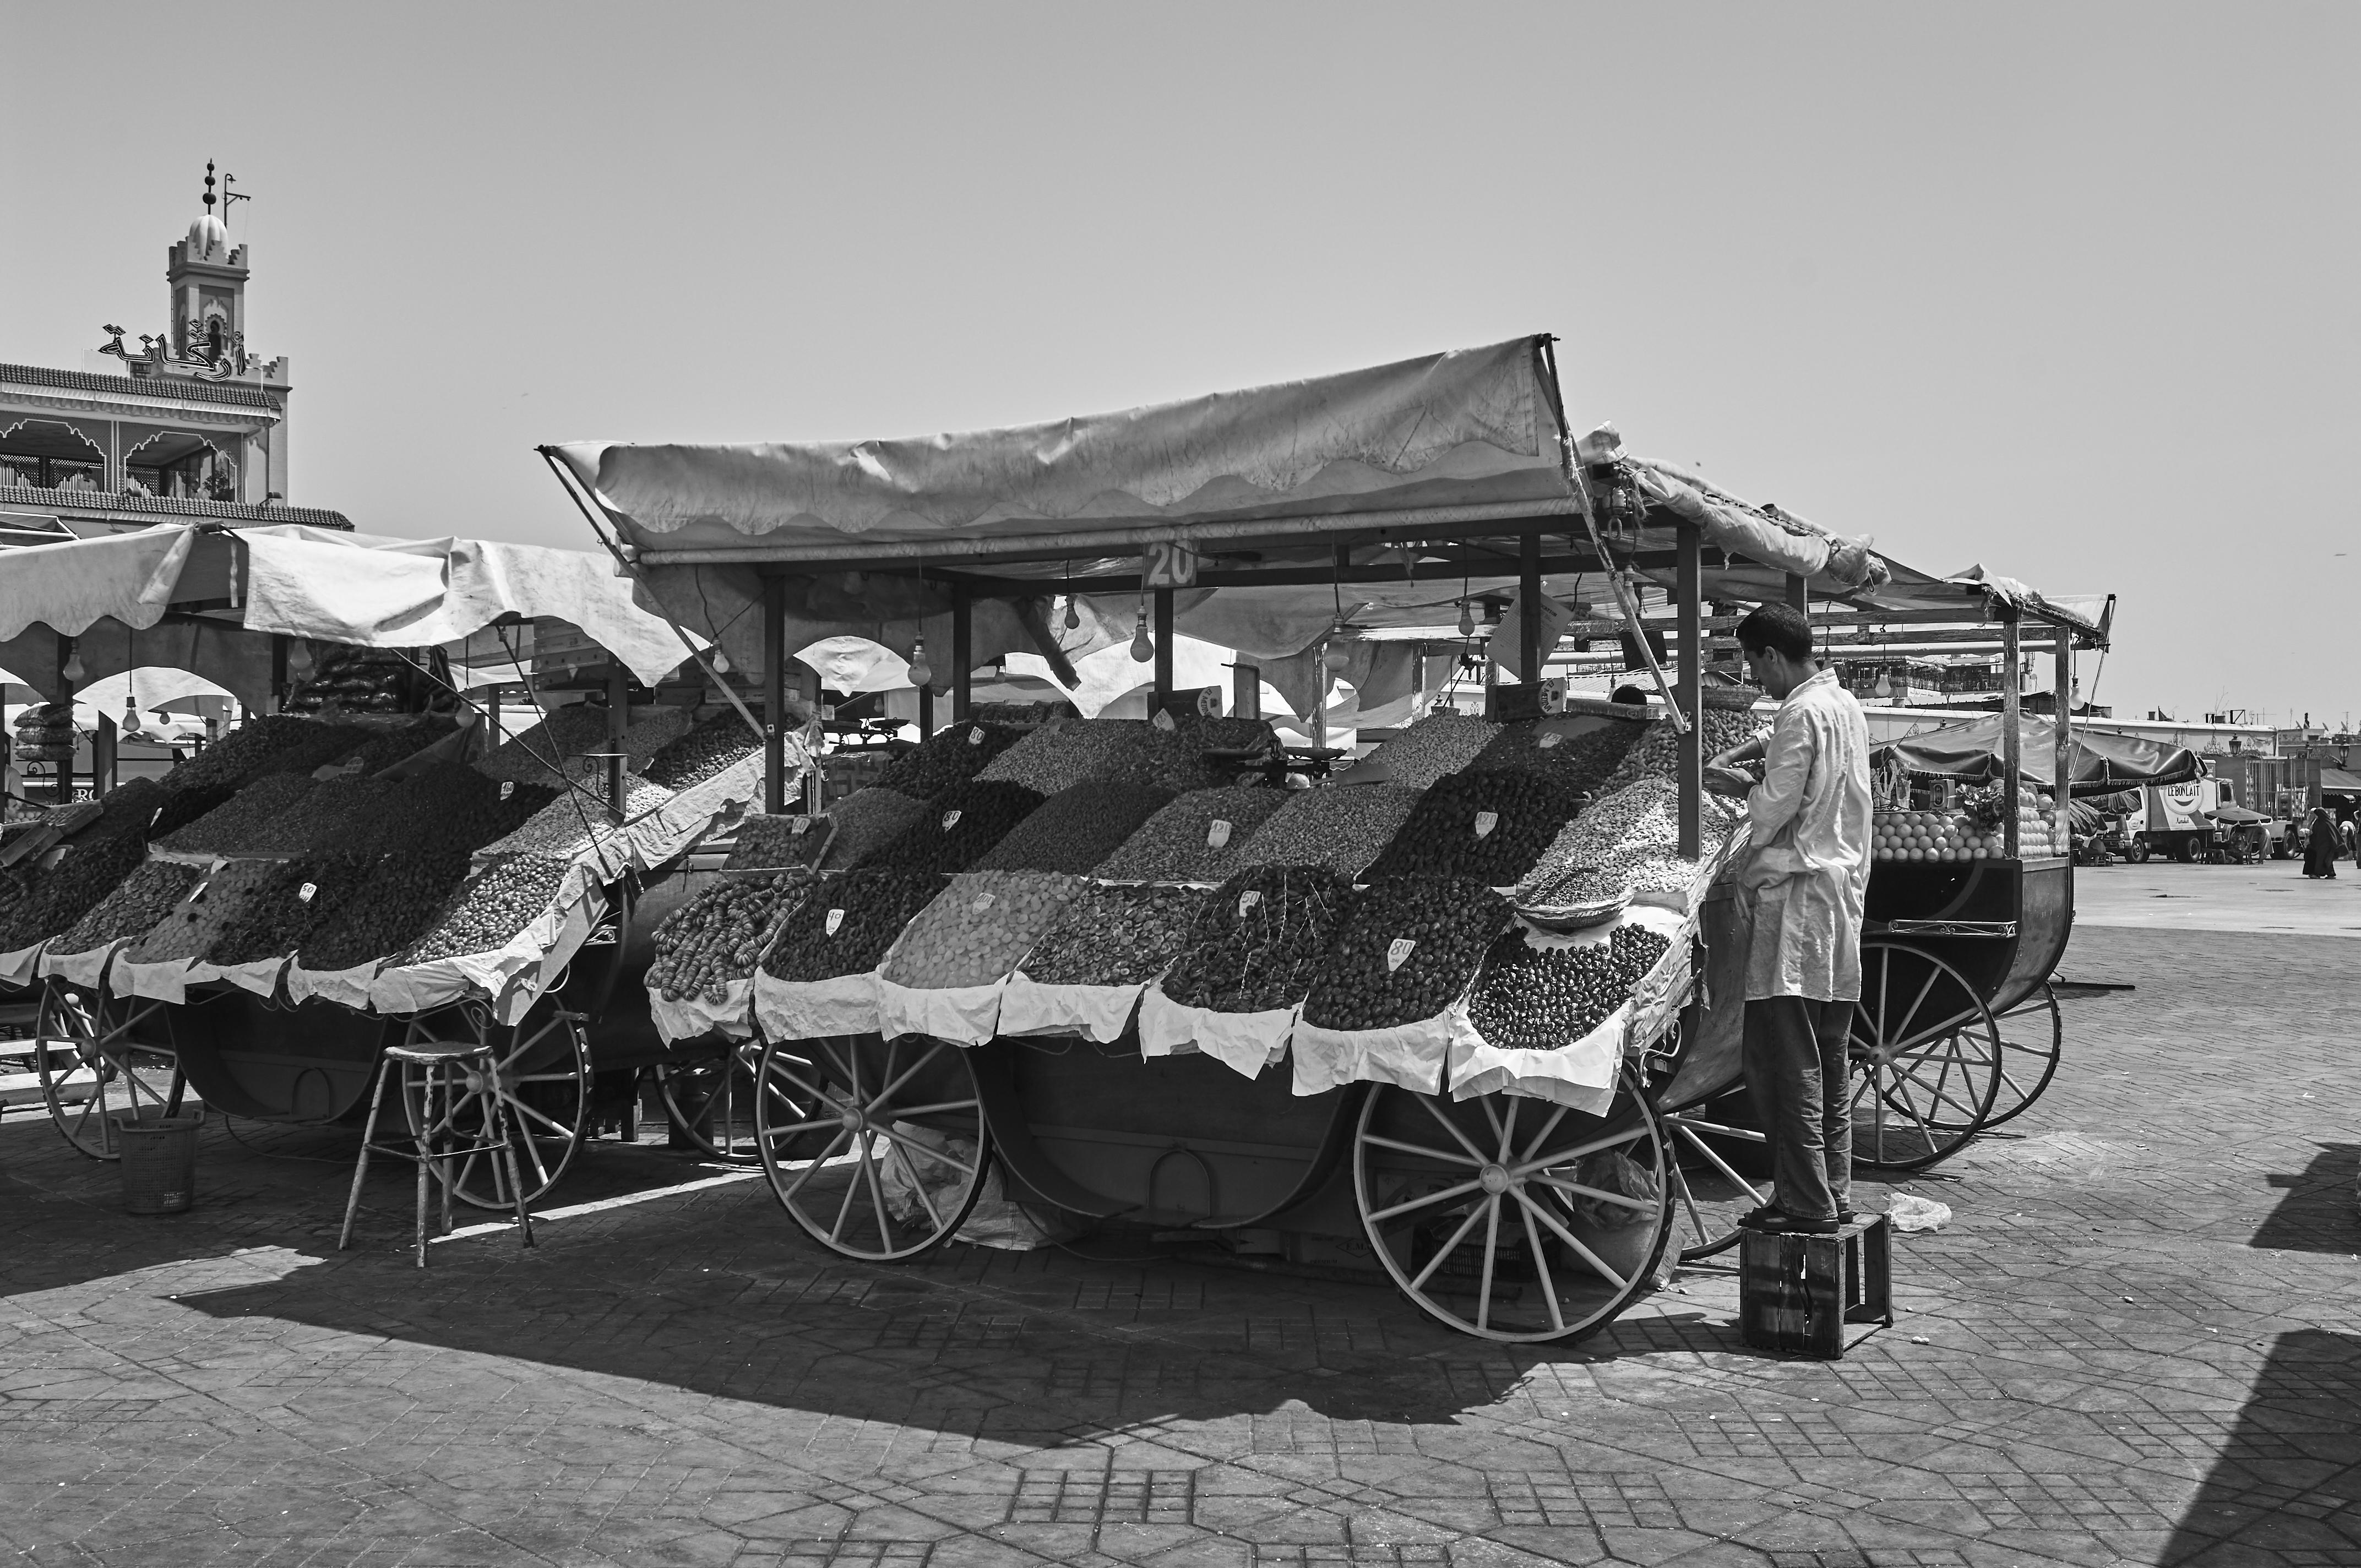 Marrakech07_0025